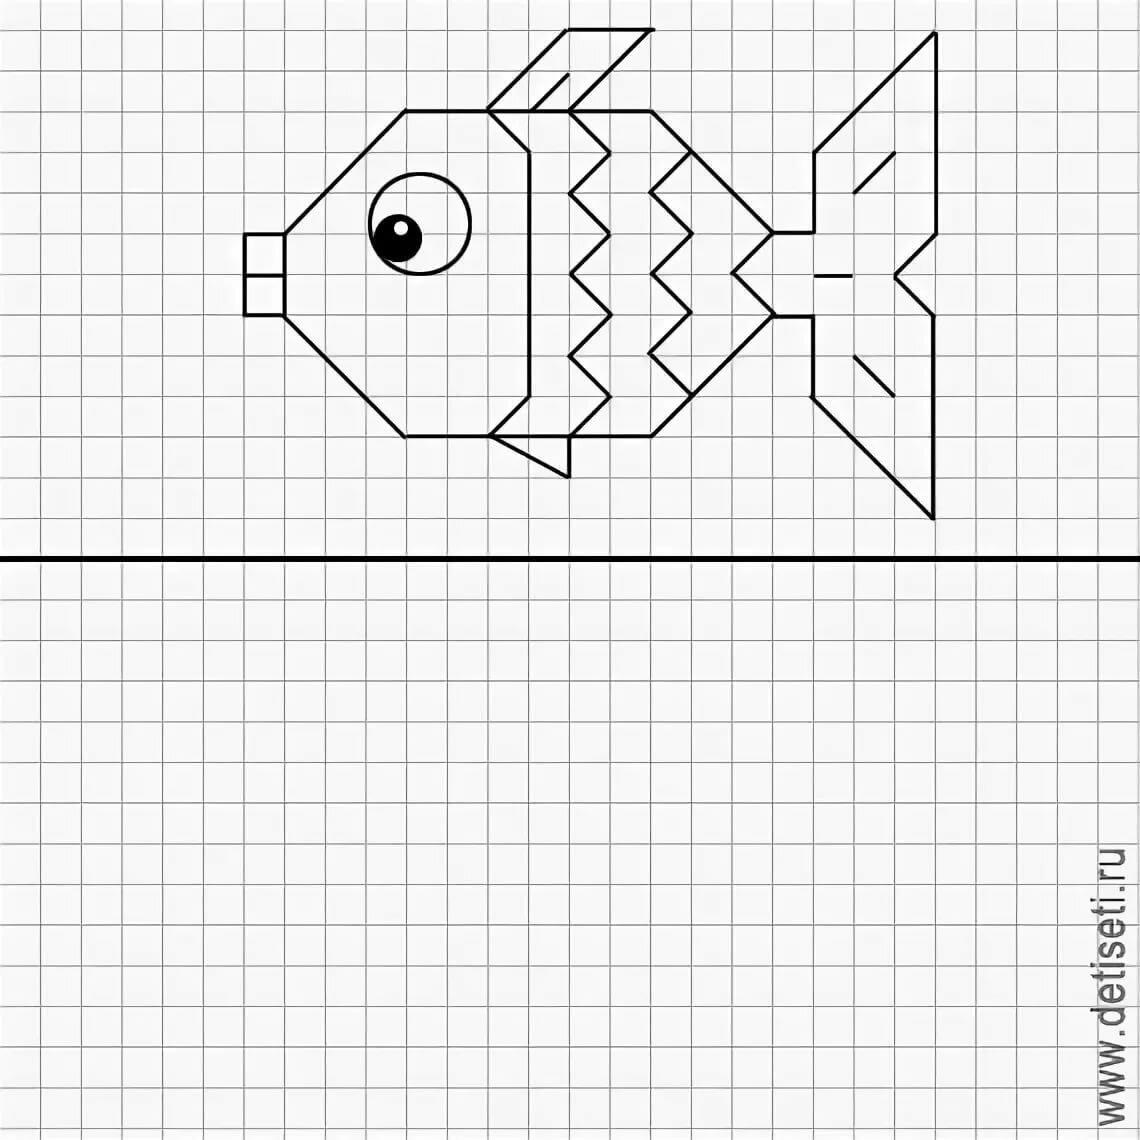 Срисовать картинки карандашом по клеточкам